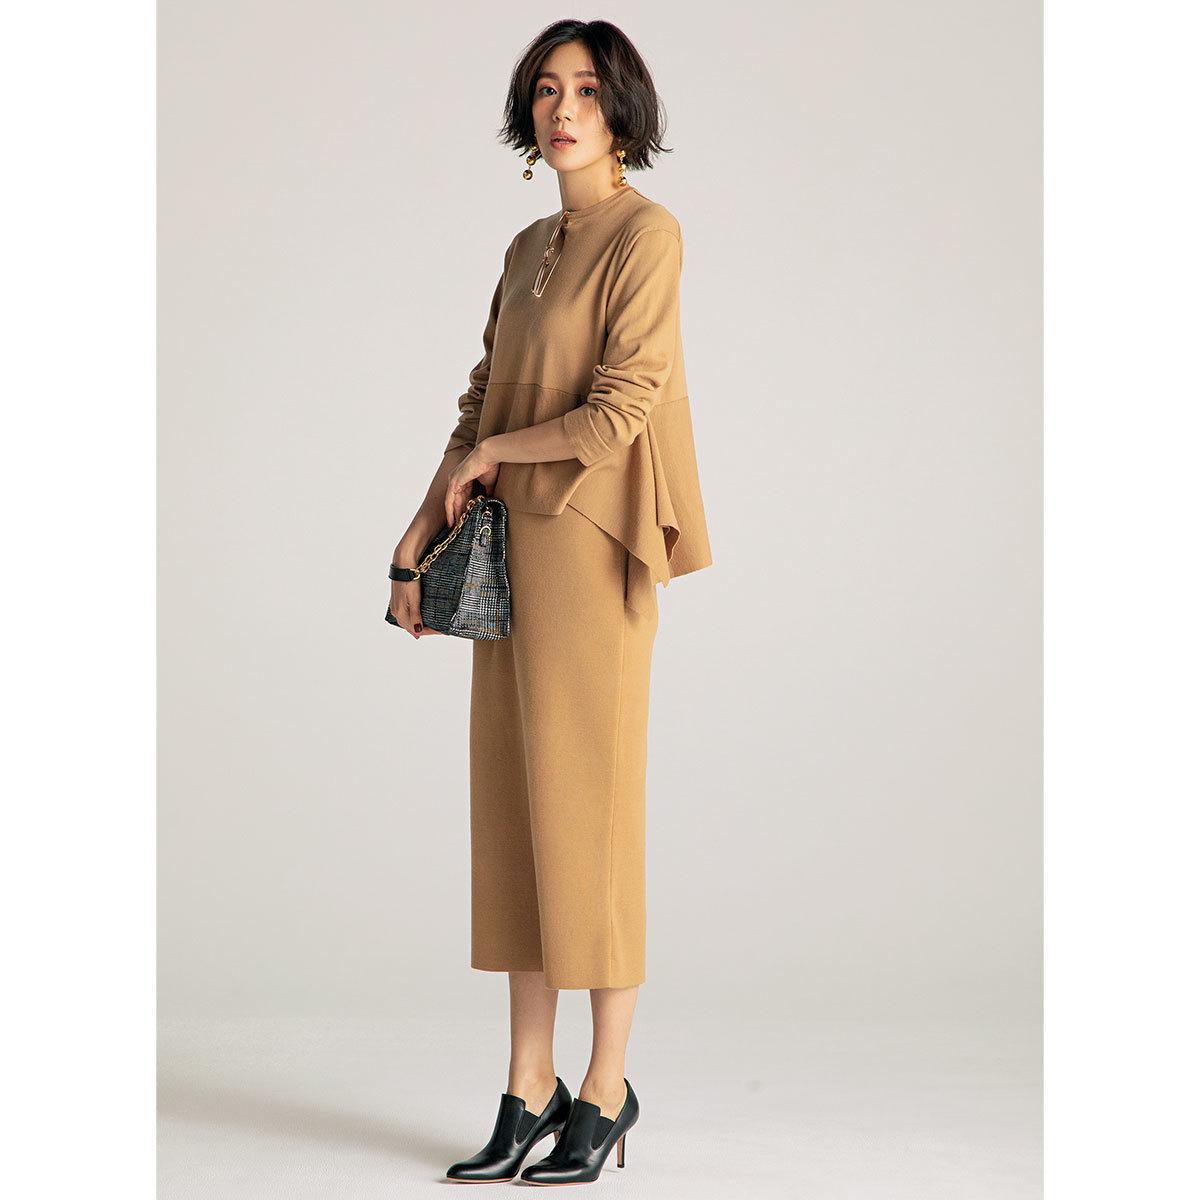 進化形ニットセットアップ×ヒール靴コーデを着たモデルの竹内友梨さん